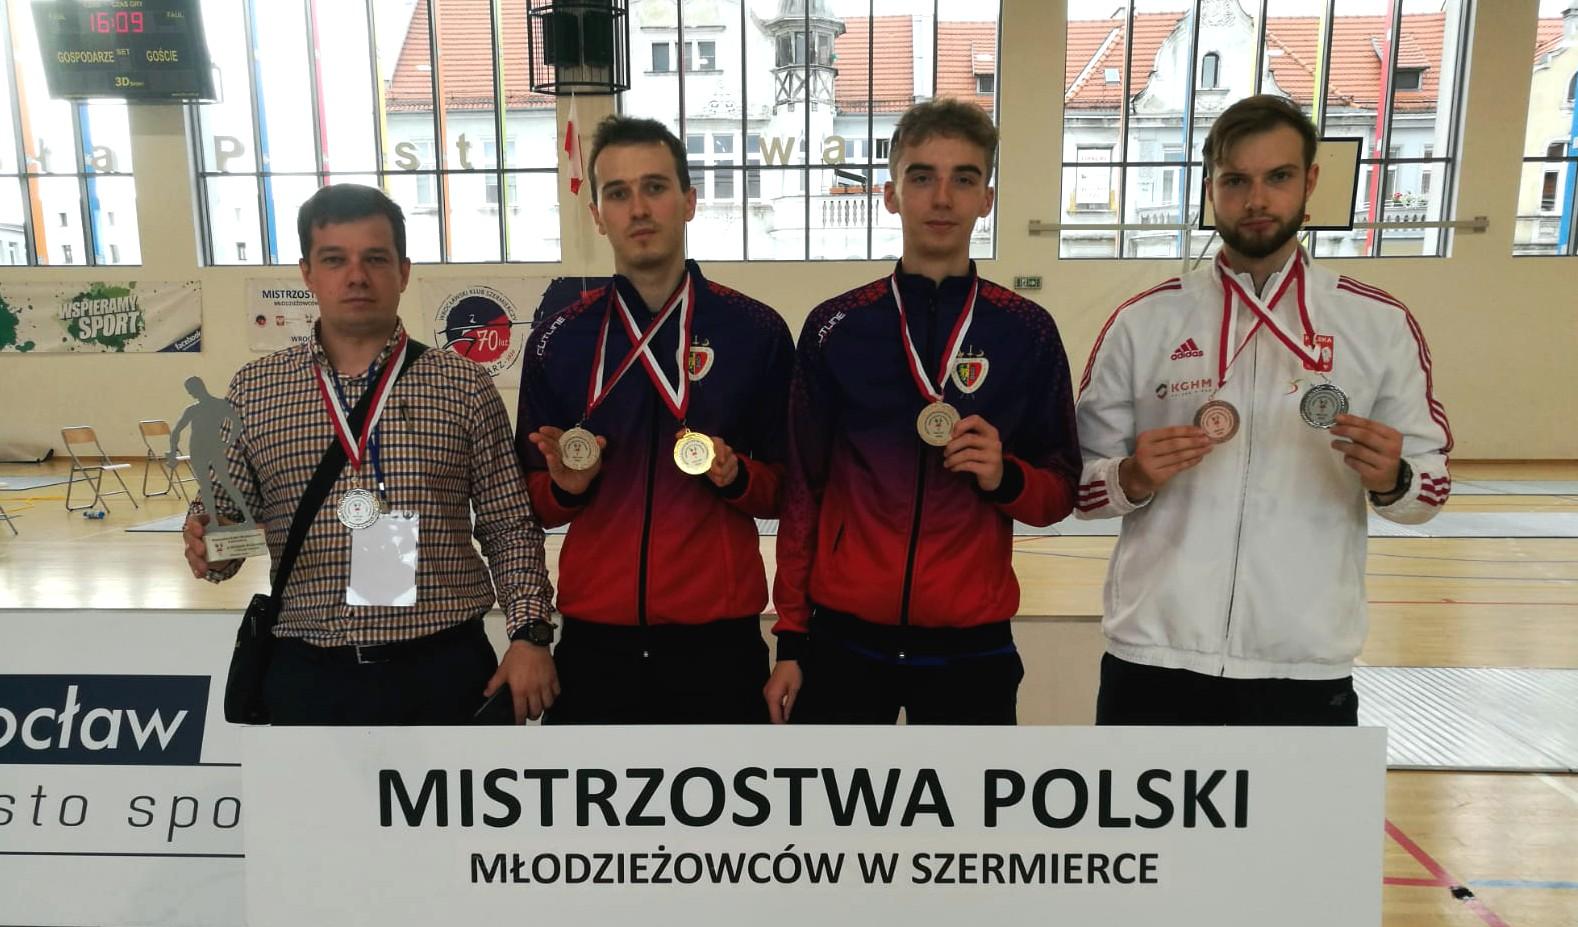 Staszulonek, Kardaszewicz i Michalak